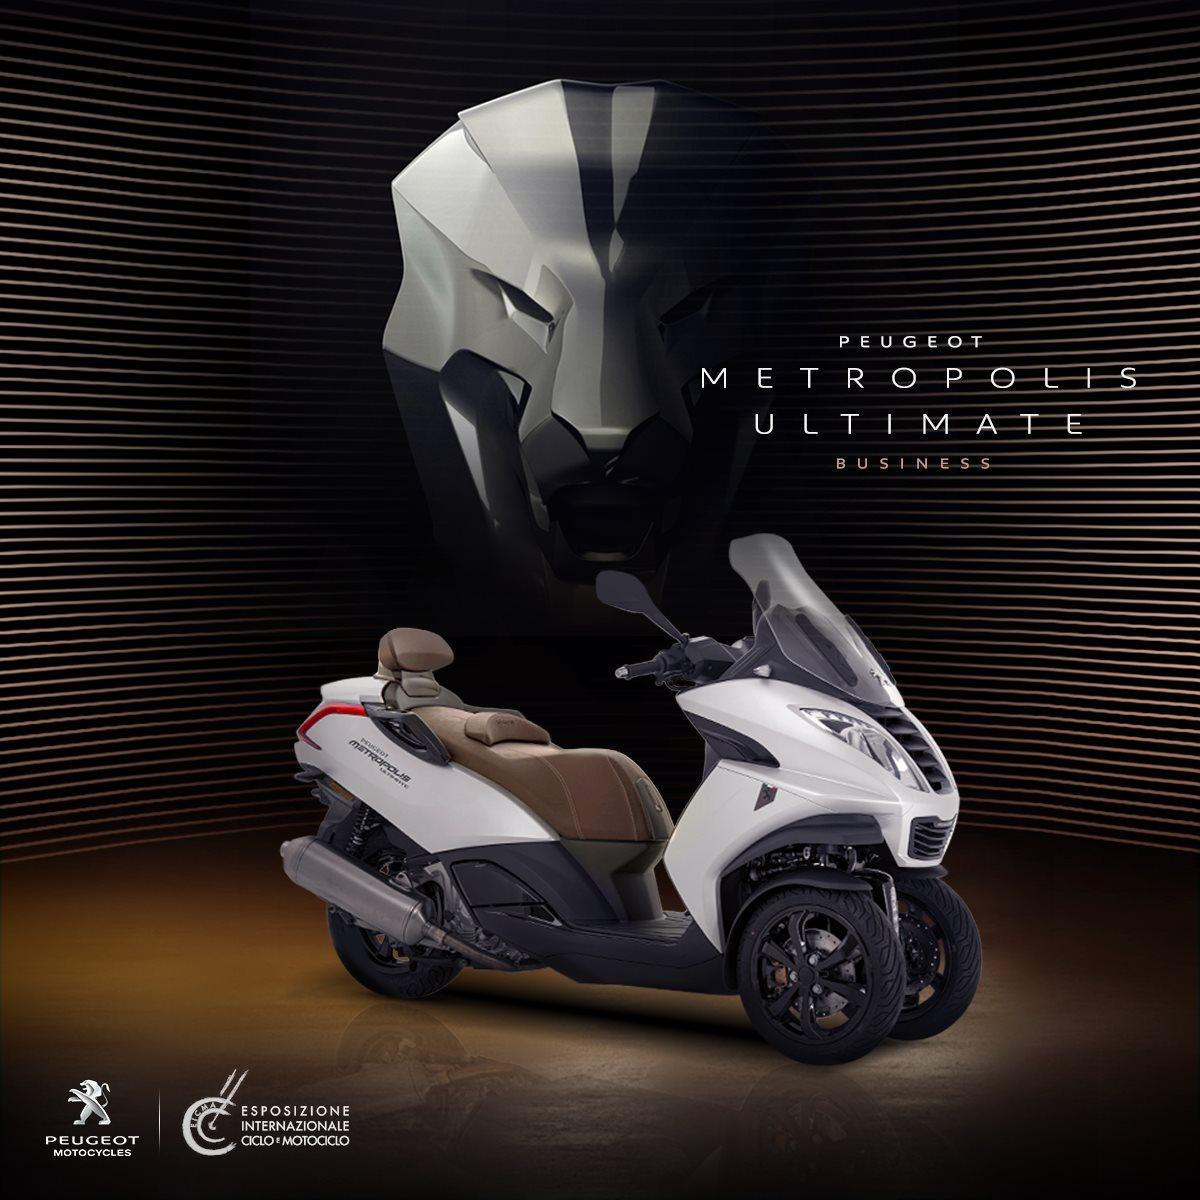 Peugeot Metropolis Ultimate Business